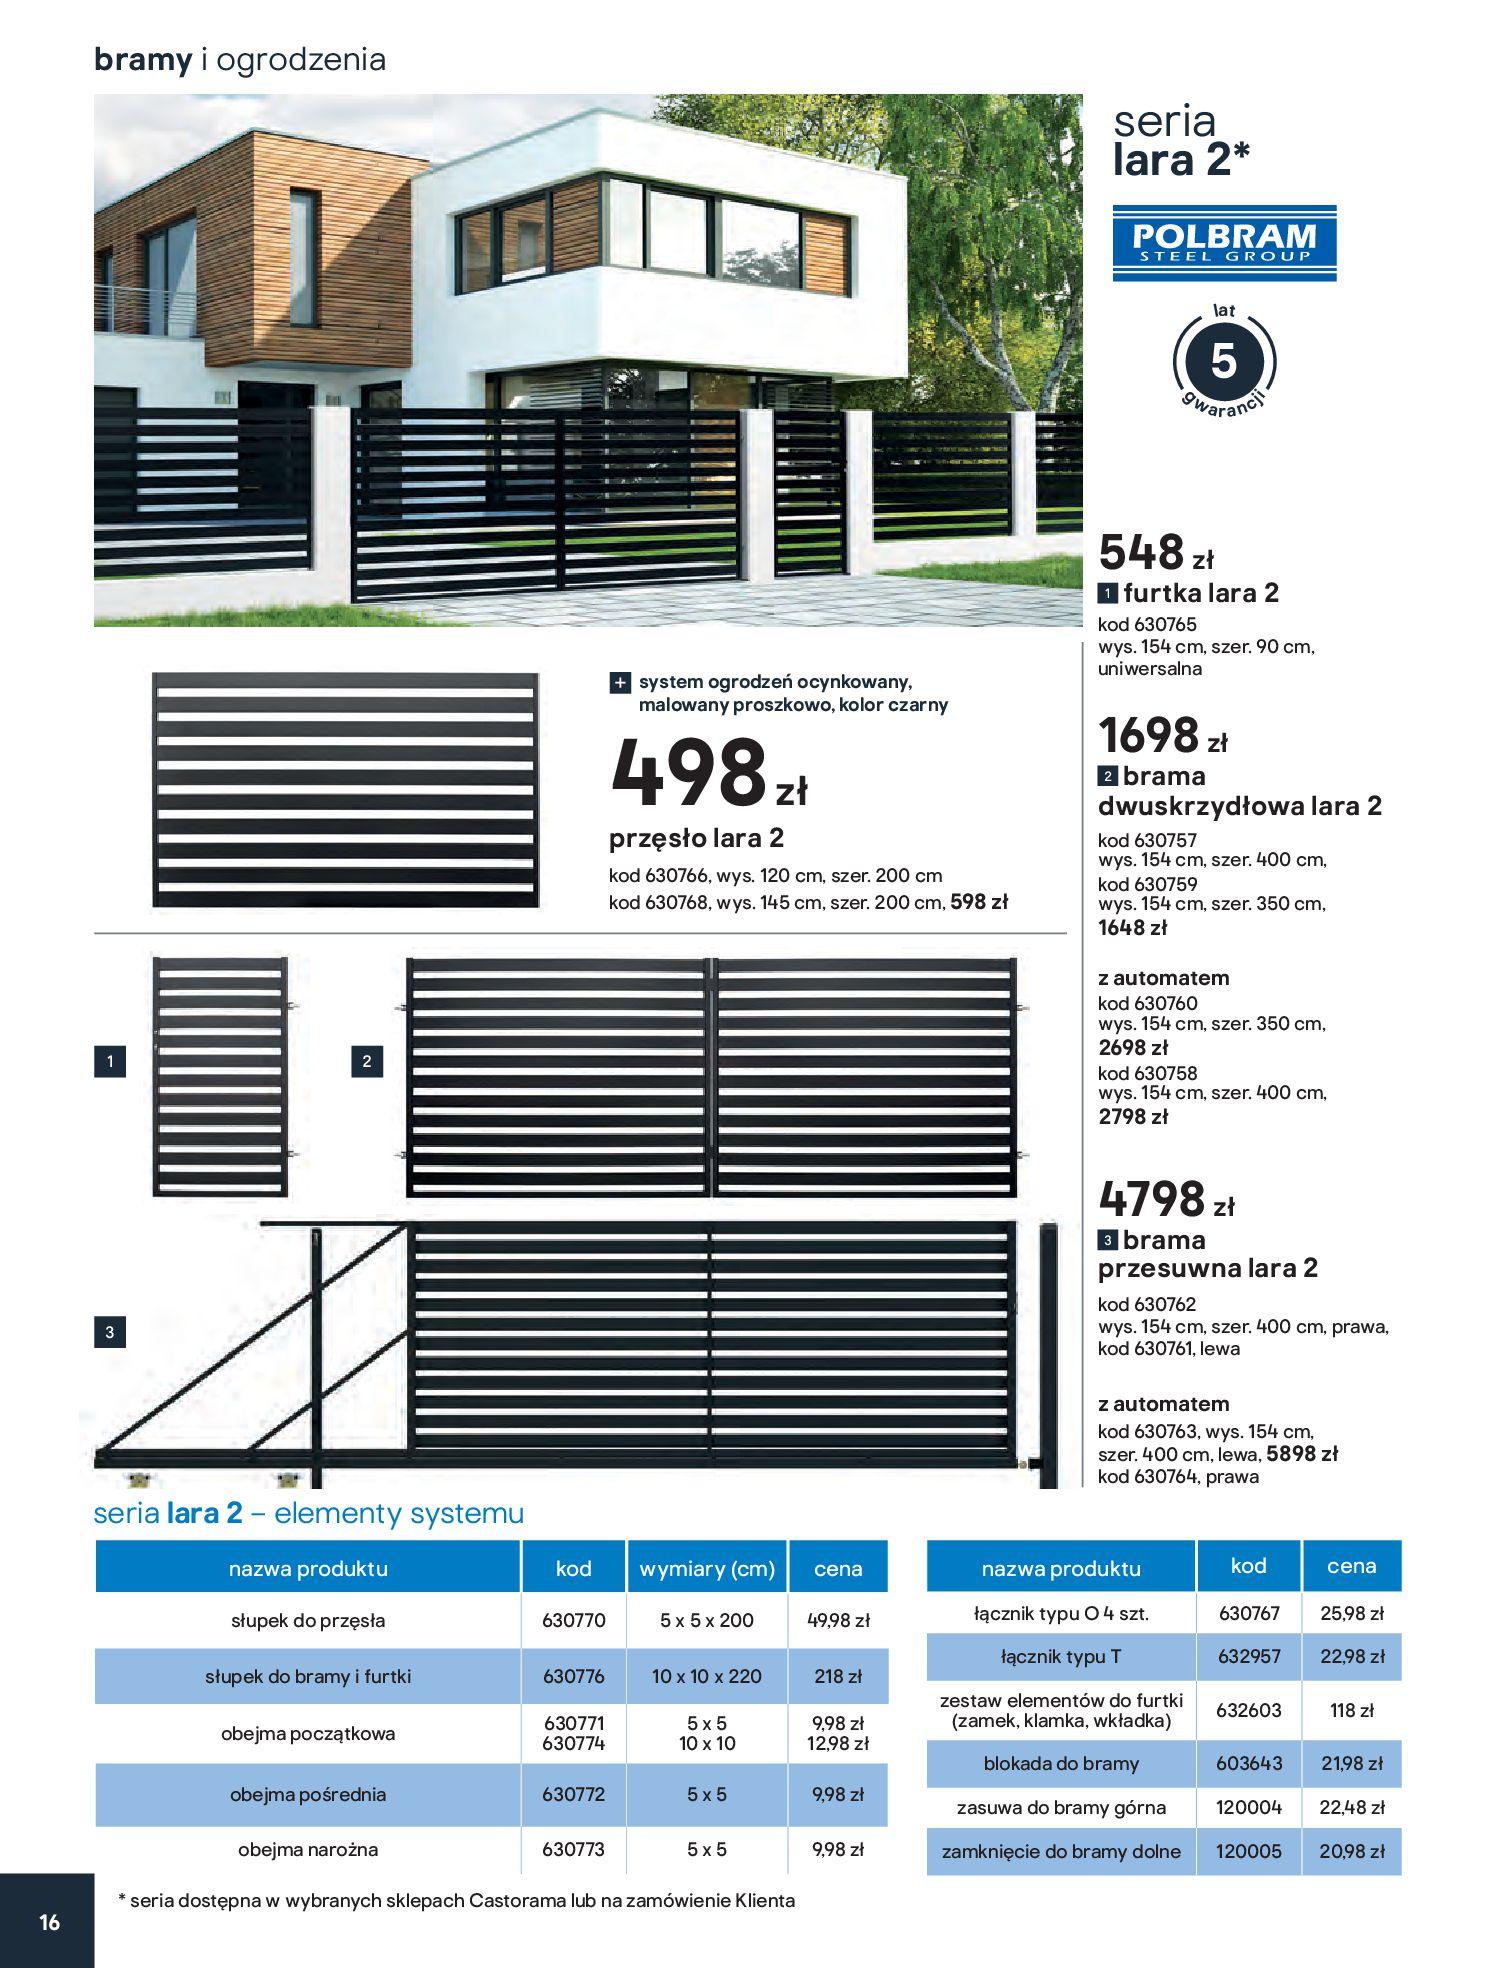 Gazetka Castorama - Przewodnik bramy i ogrodzenia-12.02.2020-30.06.2020-page-16